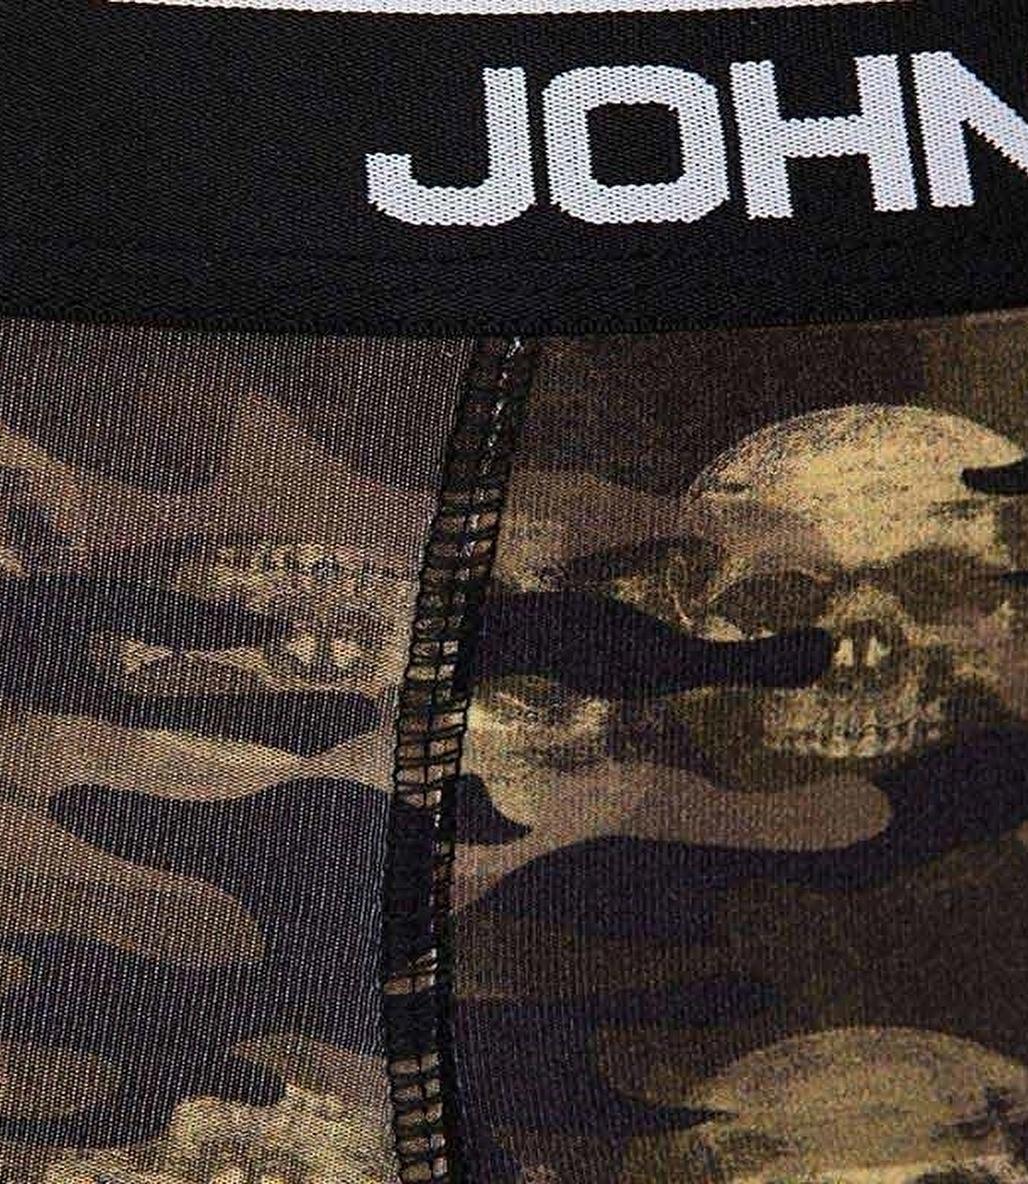 John Frank Dijital Baskılı Boxer Yeşil - Camo Skull - JFBD267